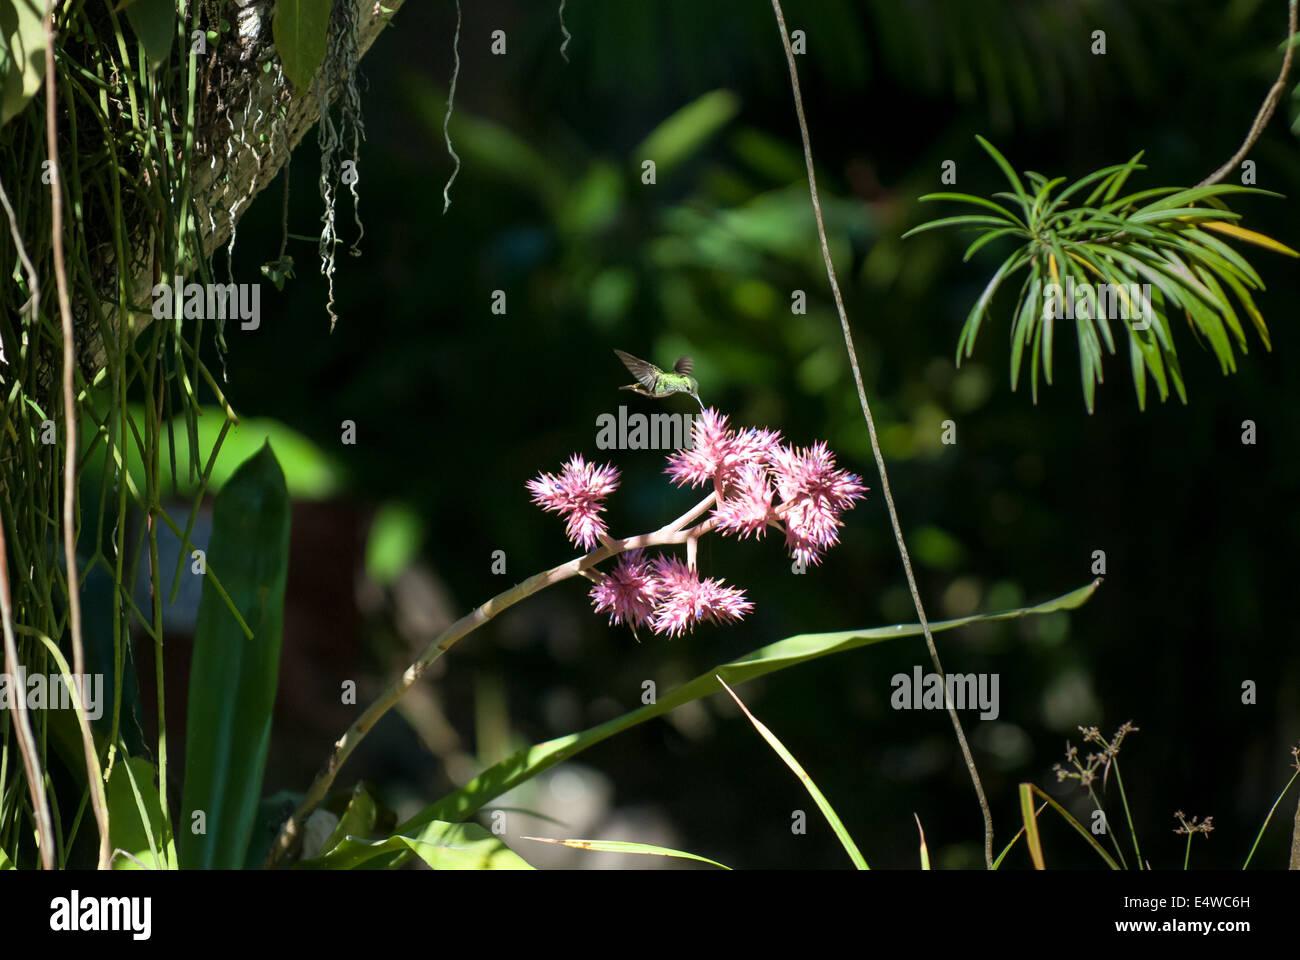 L'île de Itaparica, Etat de Bahia, Brésil. Pousada Arco Iris; Humming Bird en tenant un nectar Photo Stock